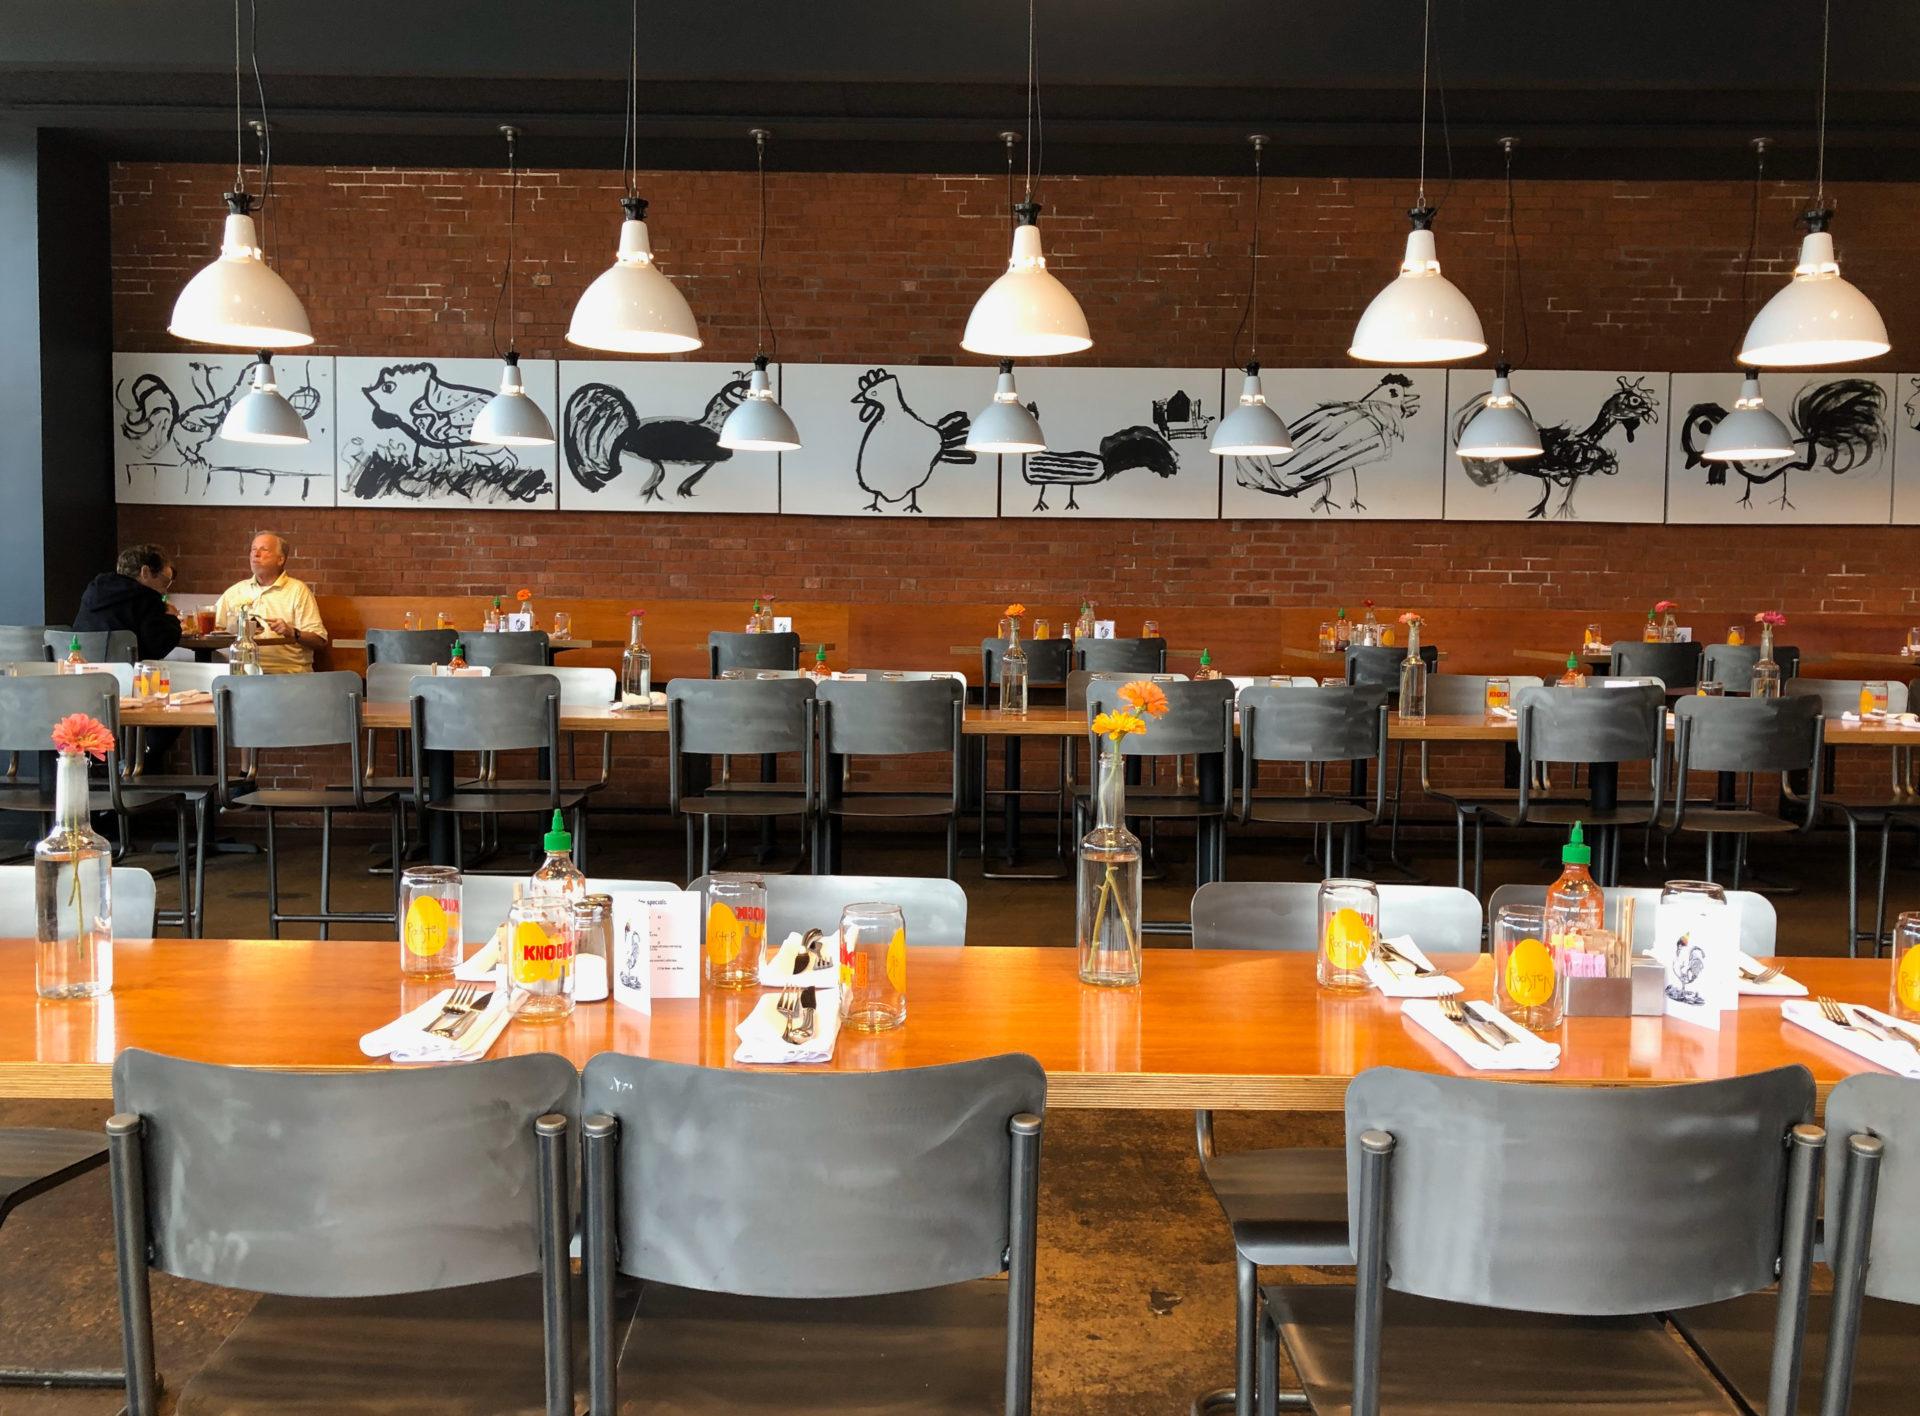 Das moderne Restaurant Rooster in Saint Louis serviert Leckereien in Bio-Qualität.